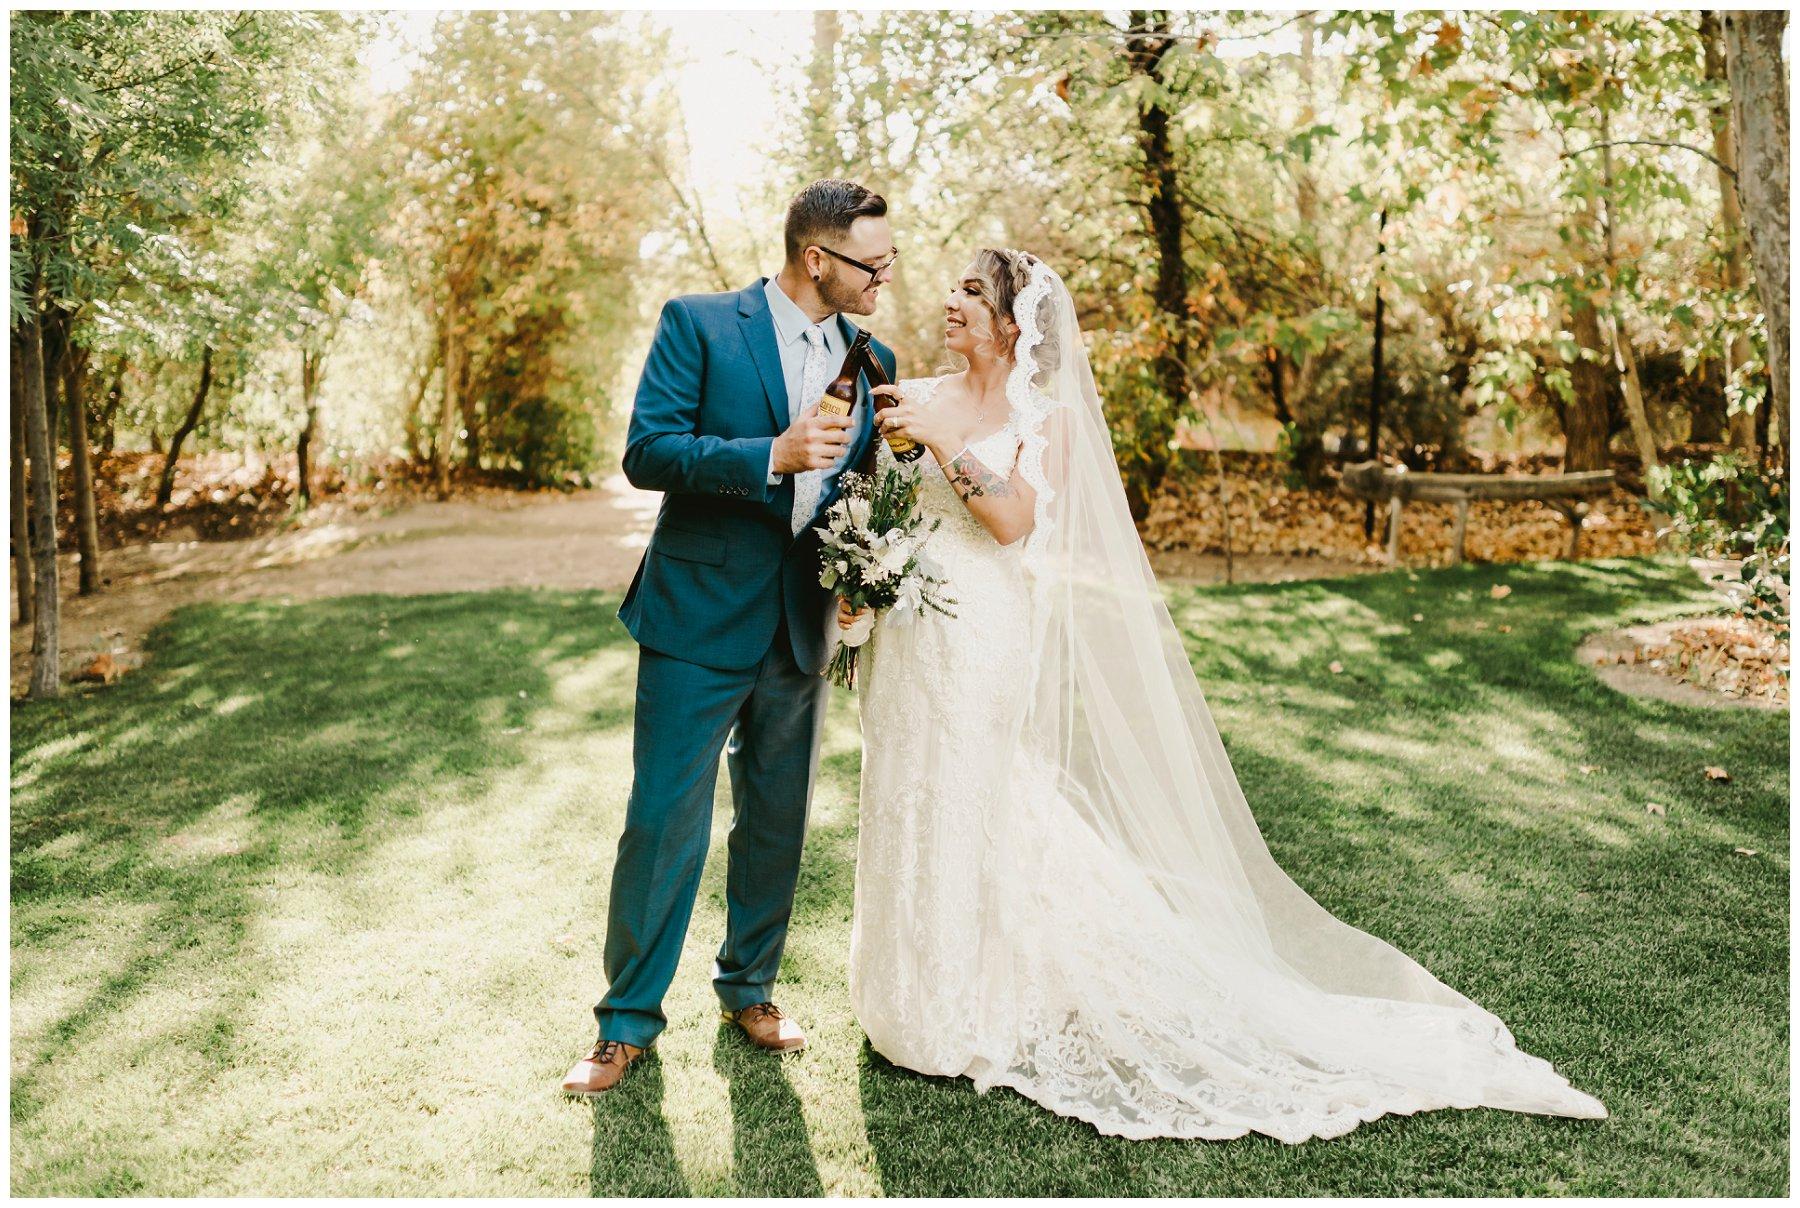 Hartley farms wedding